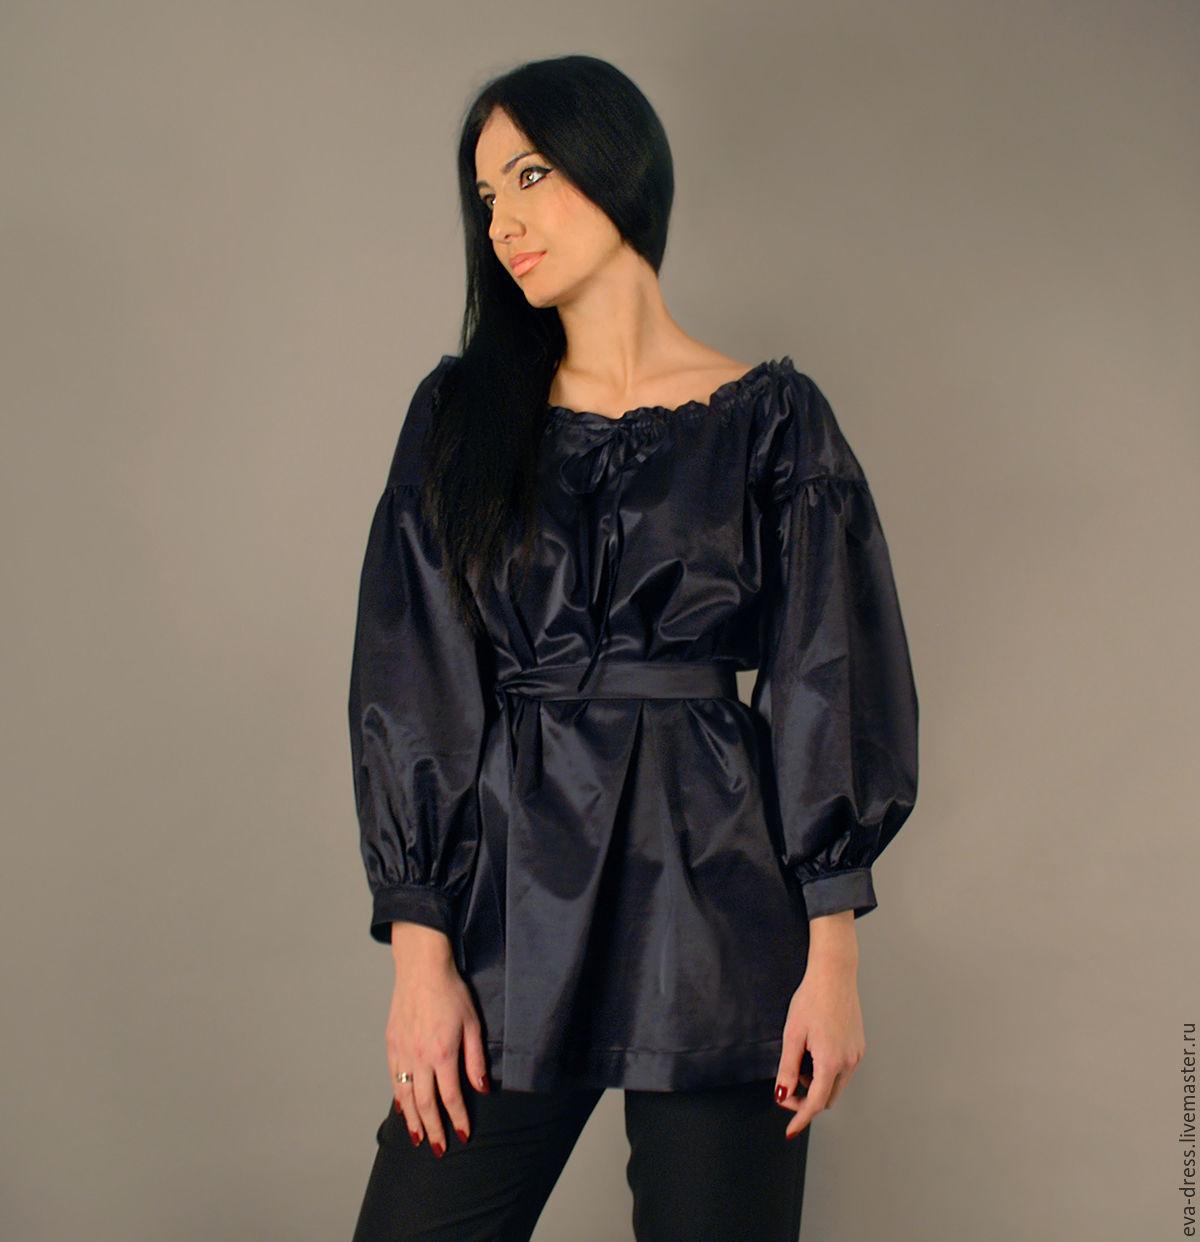 30f8ad207b8 Блузки ручной работы. Ярмарка Мастеров - ручная работа. Купить Нарядная  блузка с пышными рукавами ...